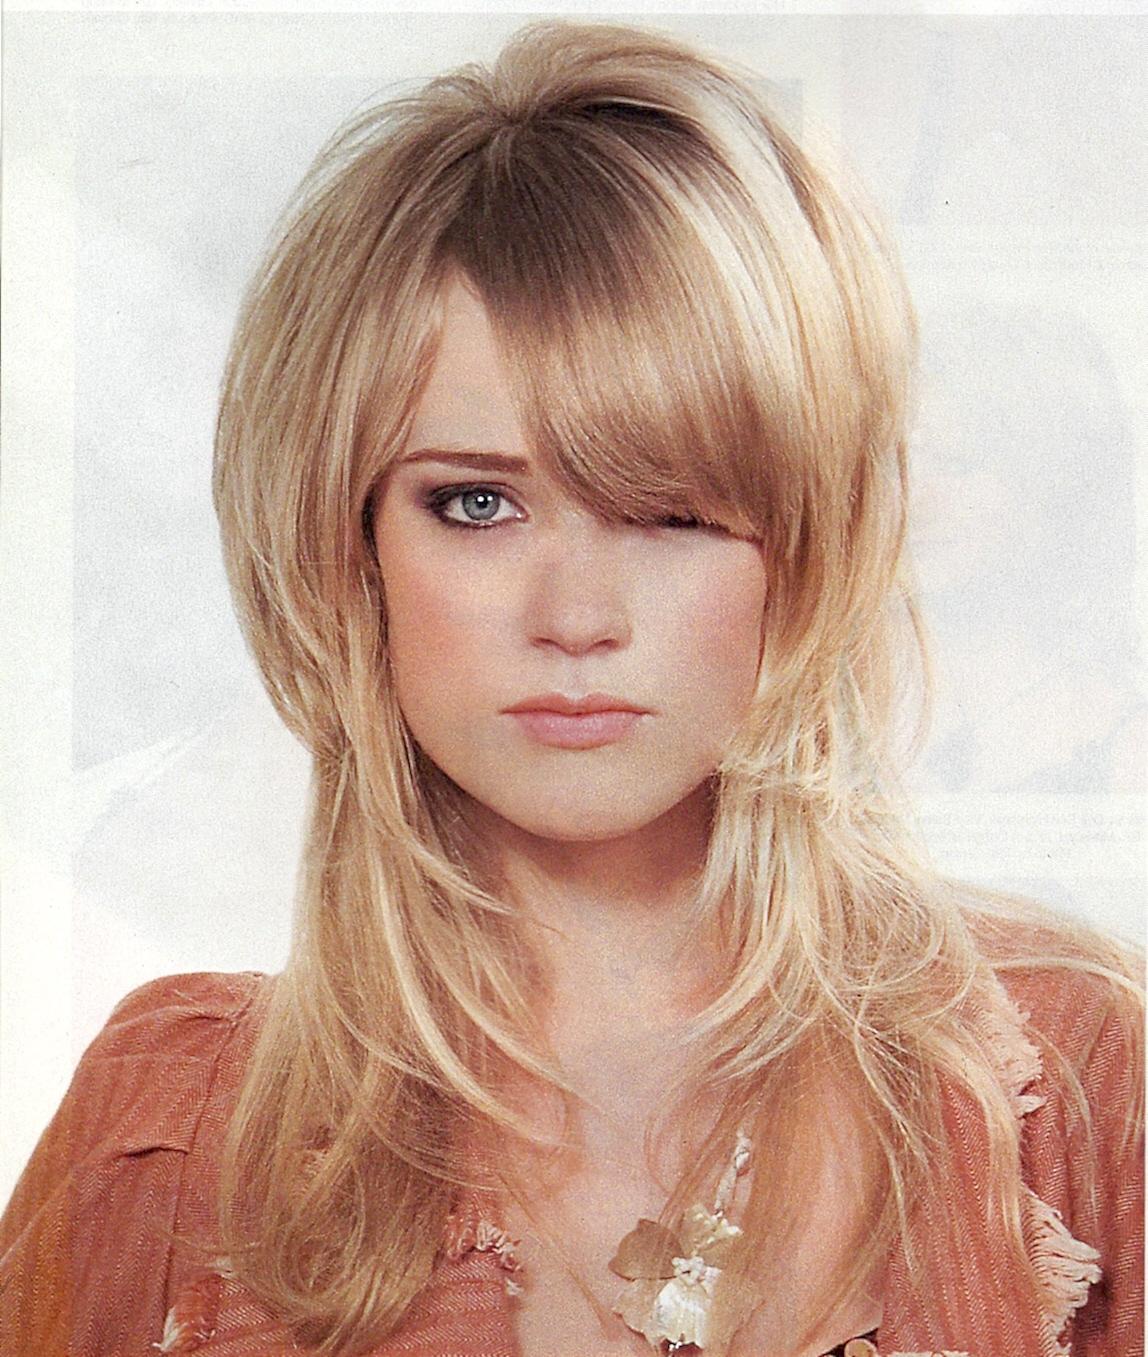 Фото стрижки на длинные волосы с коротким верхом